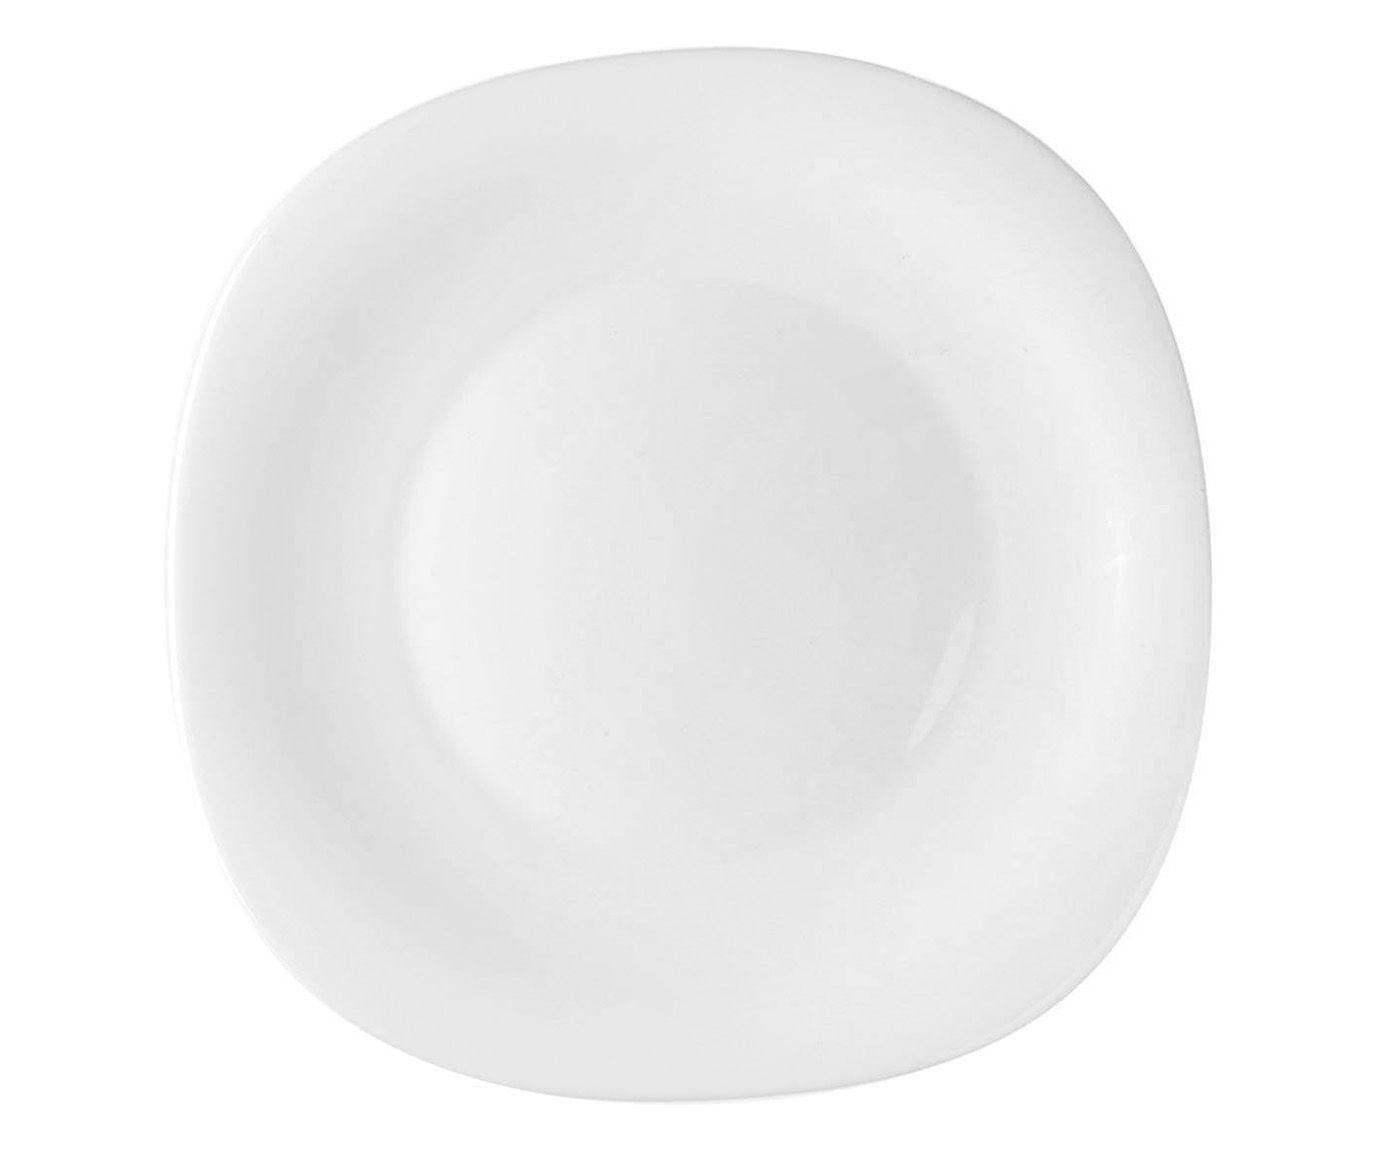 Sousplat Parma - 31cm   Westwing.com.br